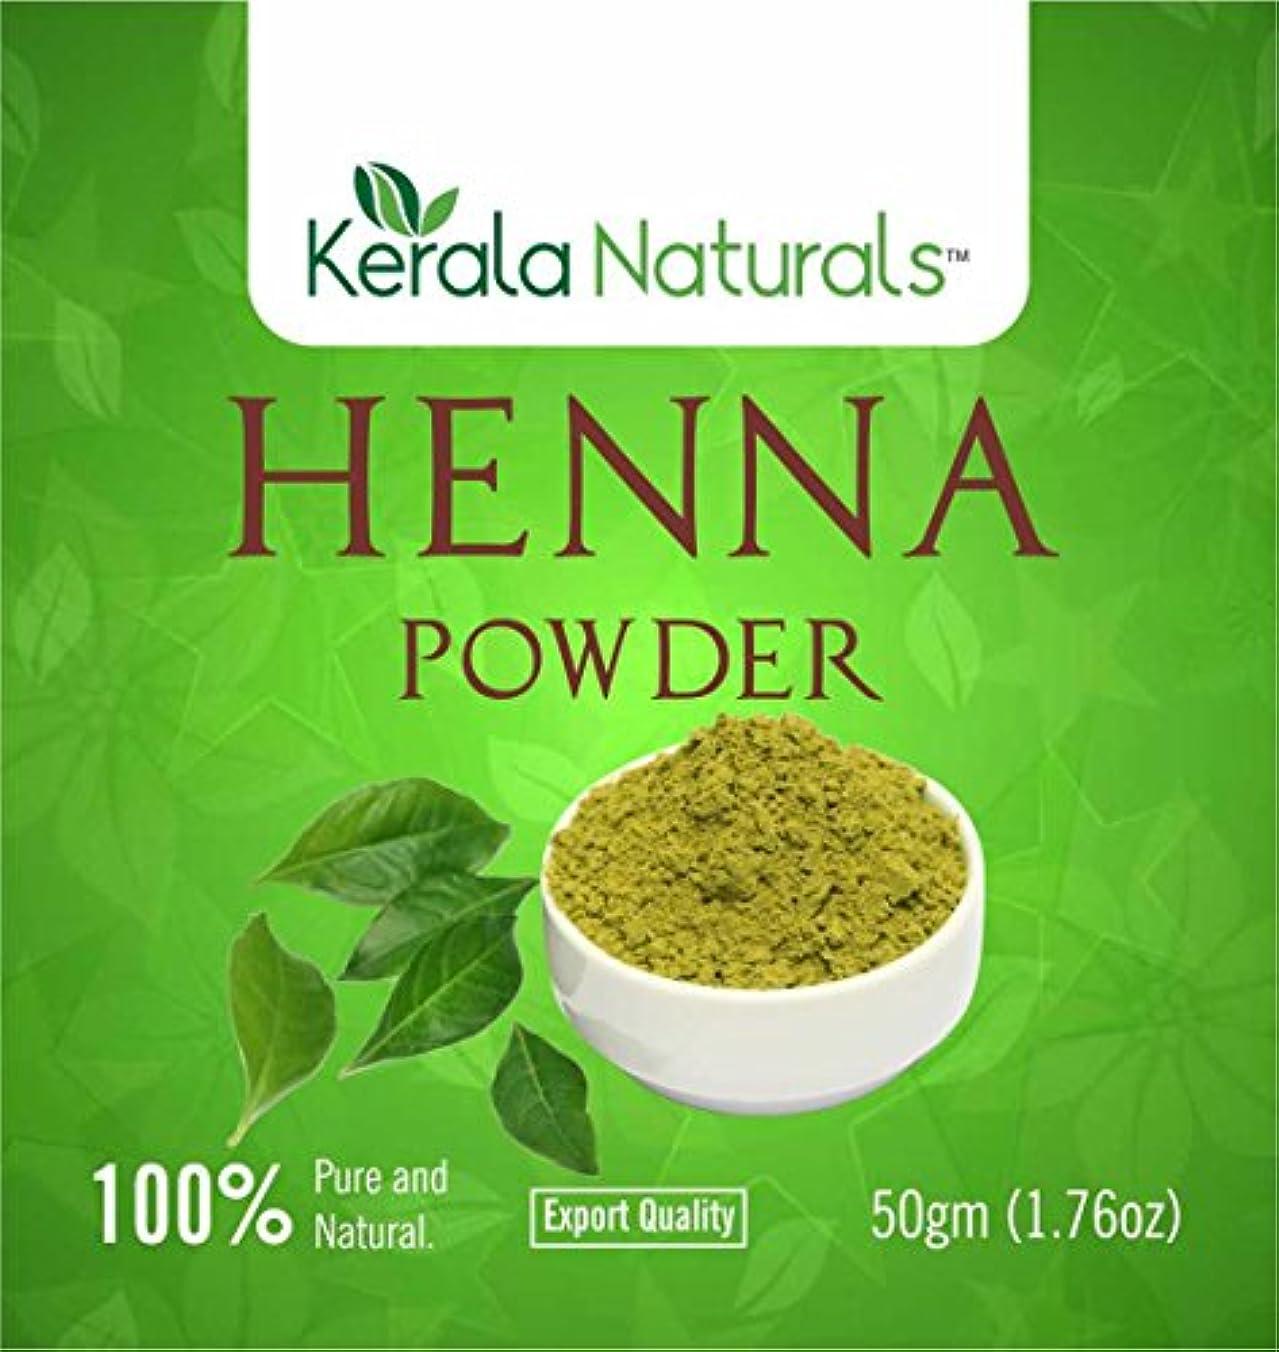 息切れバリケード普及100% Pure Herbal Henna powder- Fresh Stock